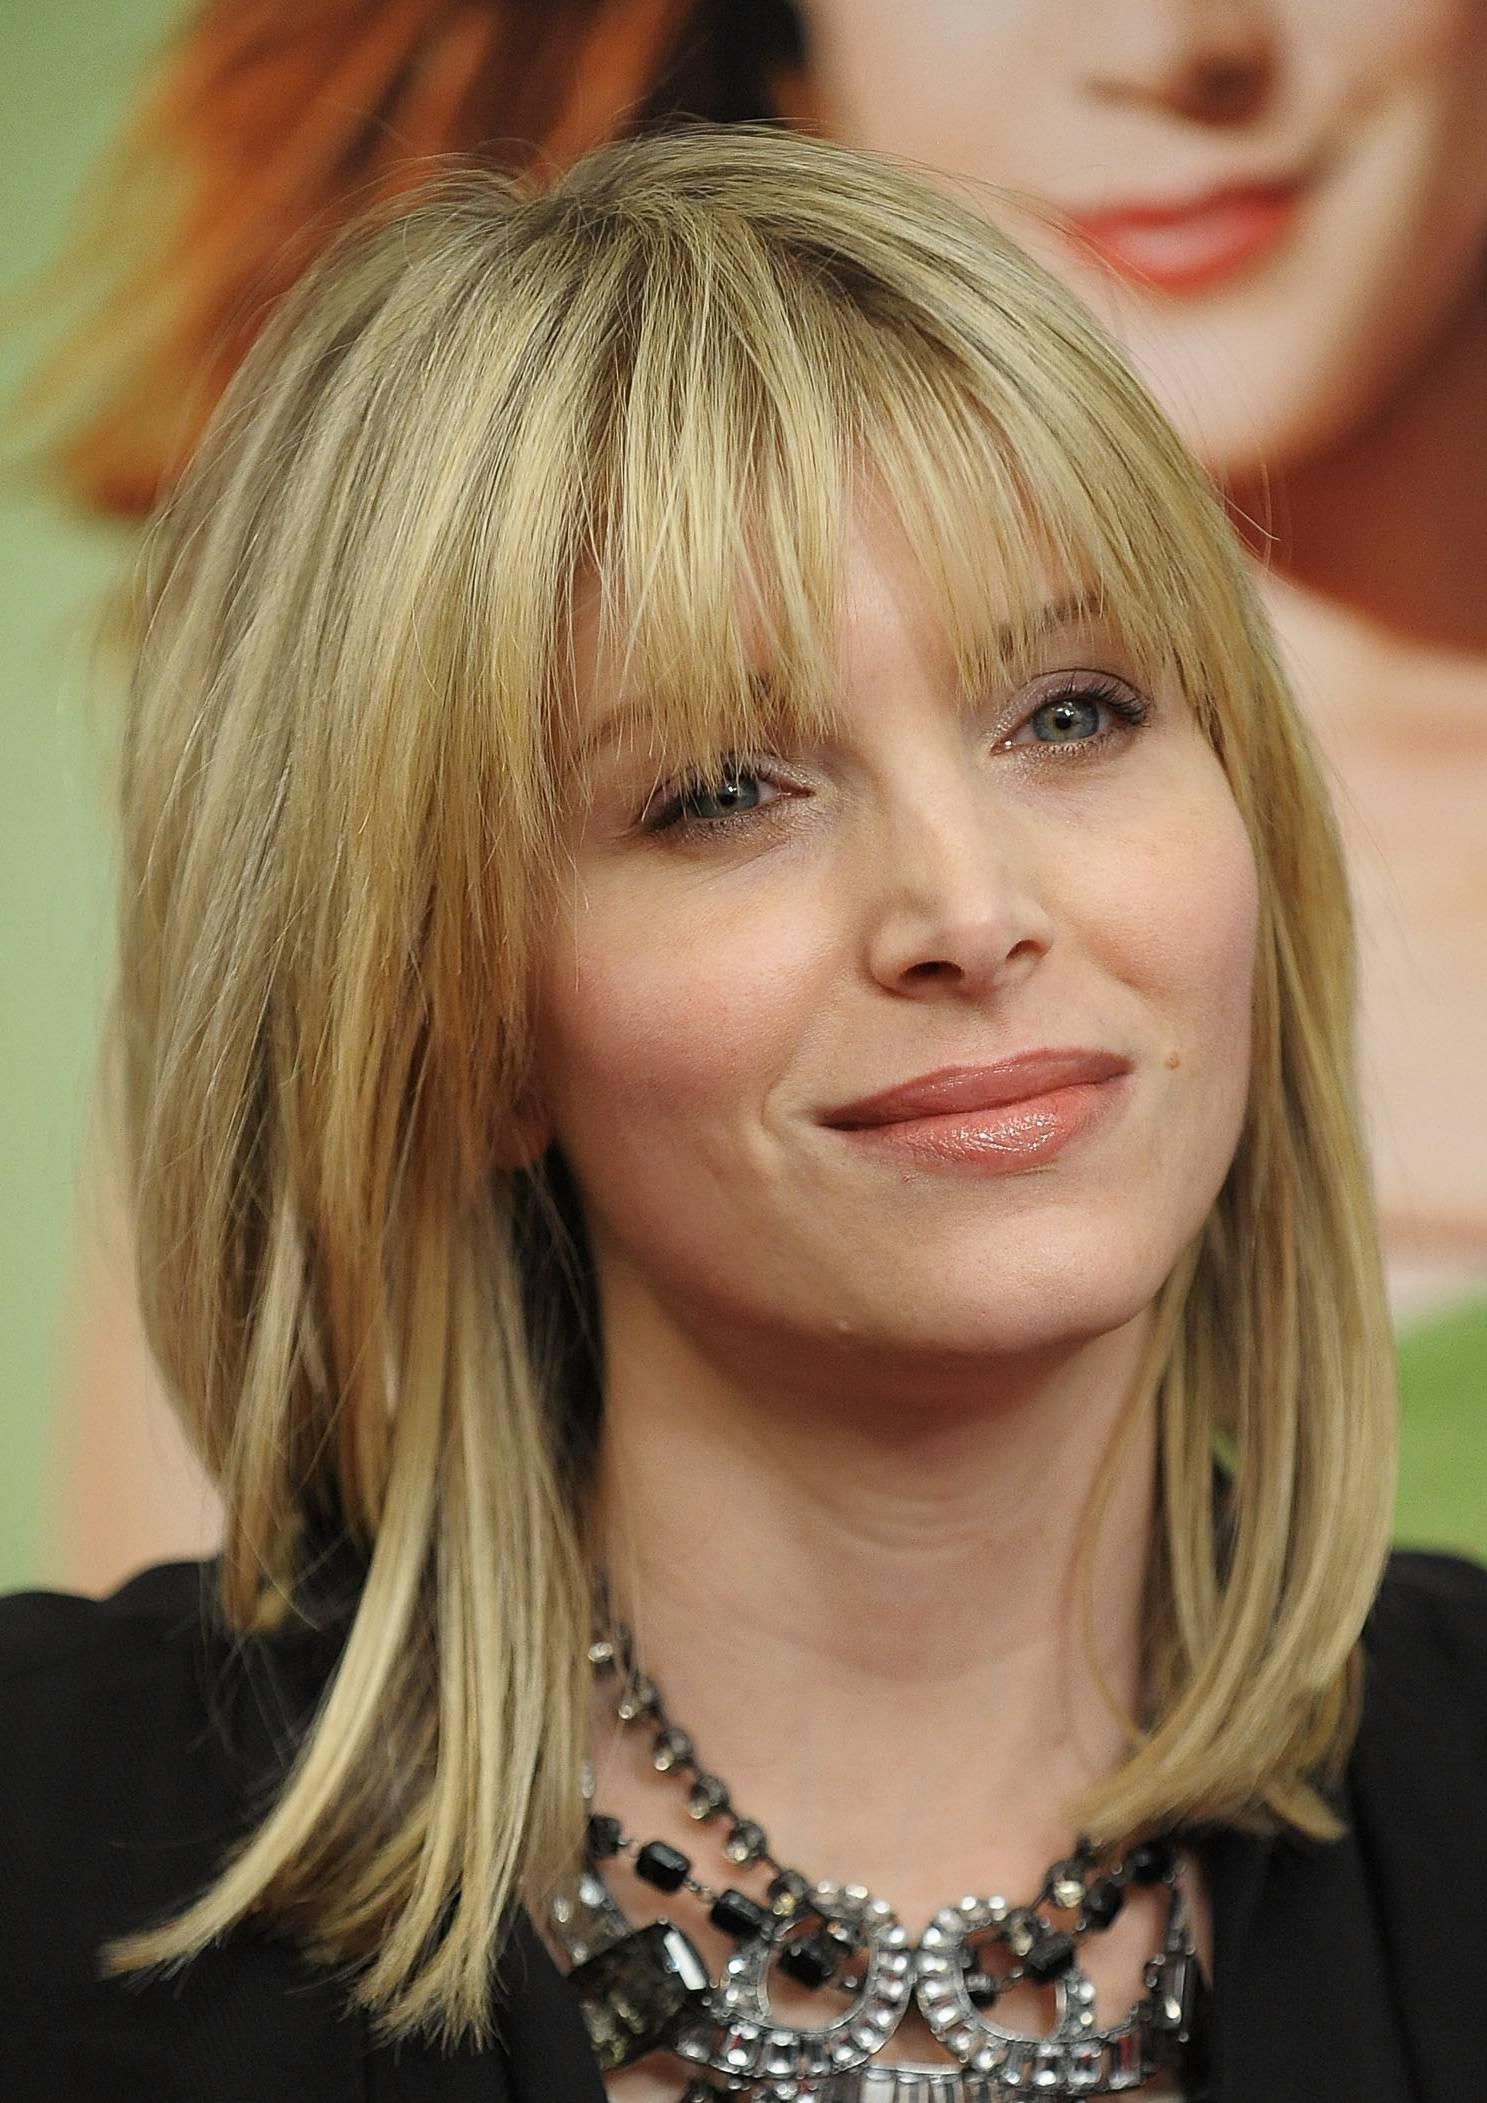 Фото блондинки с зализанным волосом 29 фотография